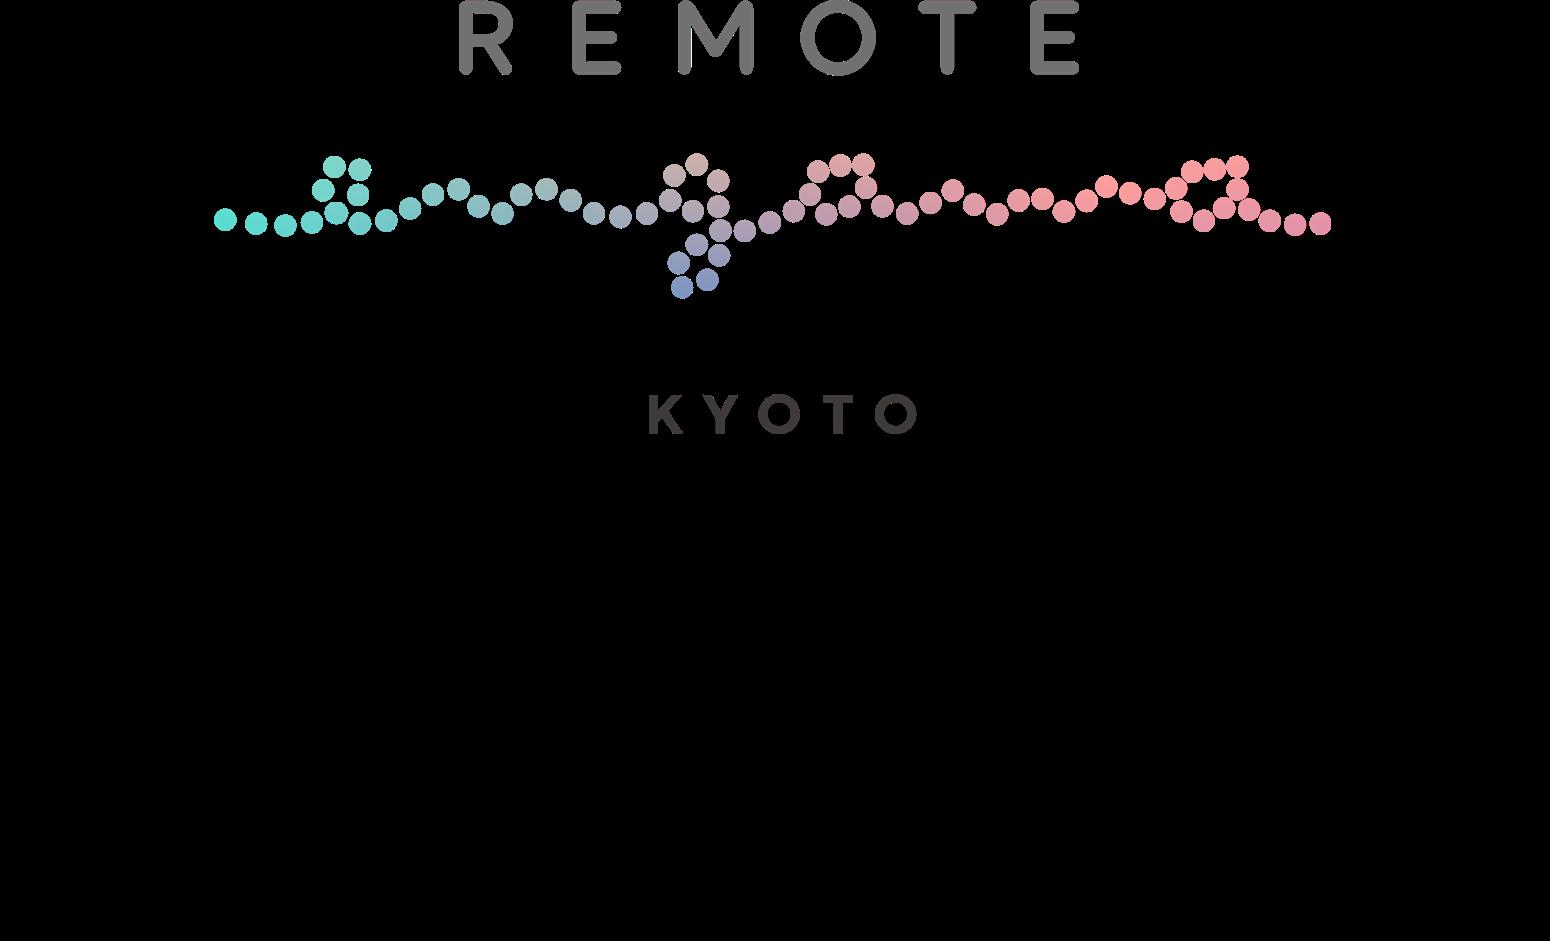 サムネイル:REMOTE engawa KYOTO  Femtech and Beyond 〜選択的卵子凍結で考える女性の未来〜